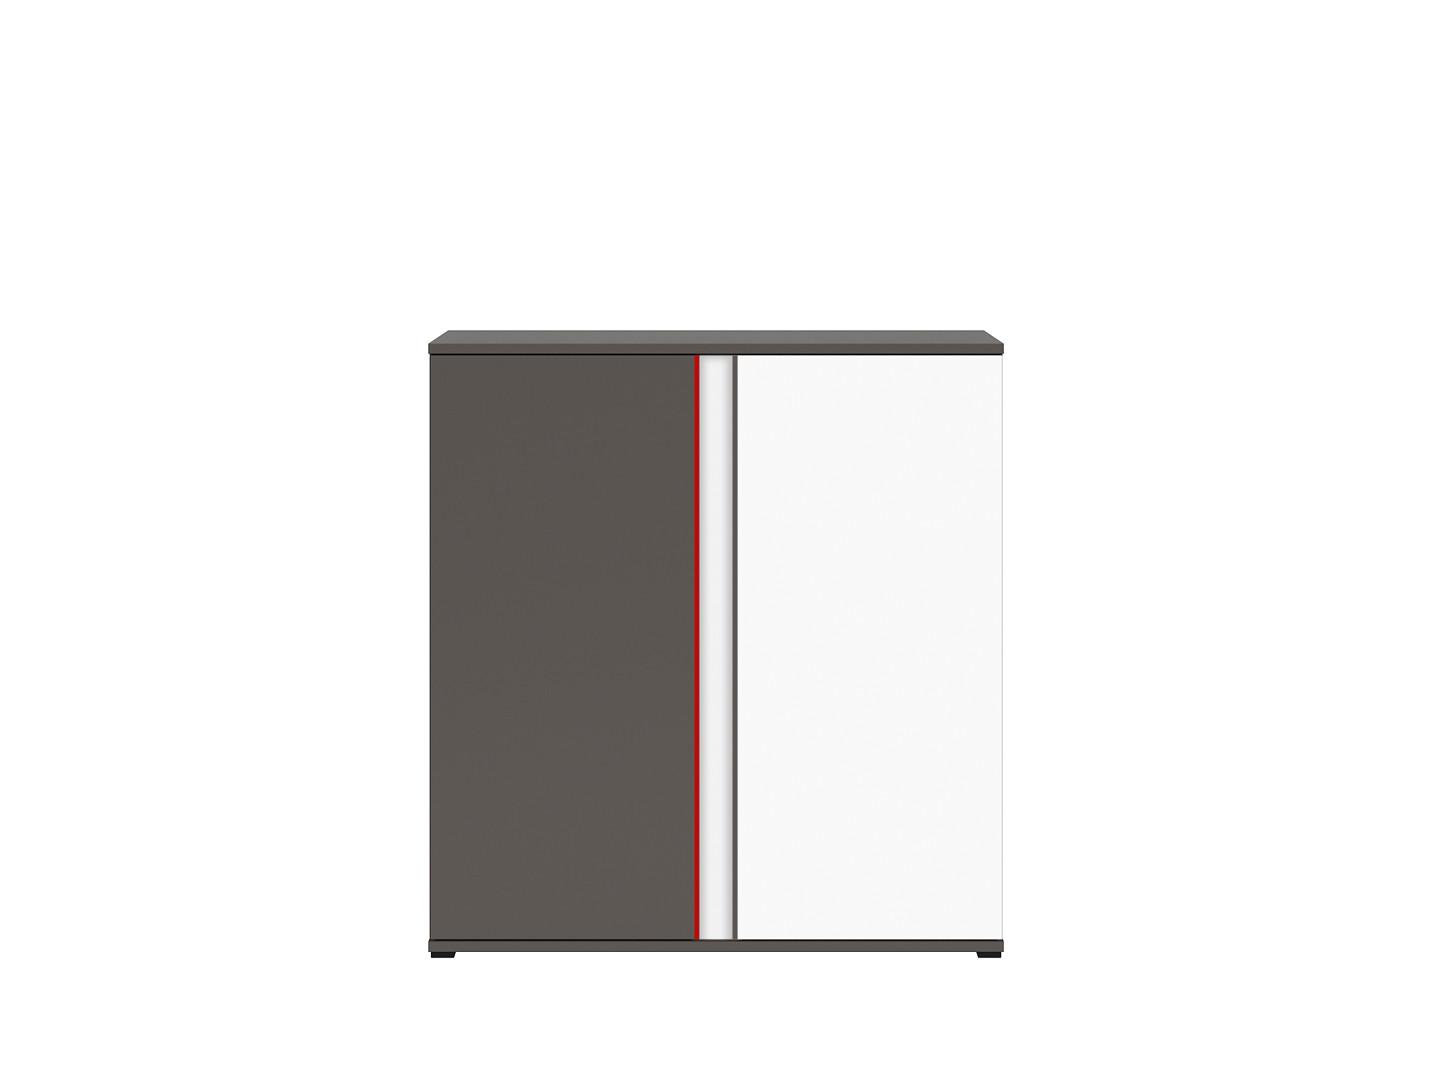 Skrinka GRAPHIC KOM2D/B sivý wolfram/biely/červený